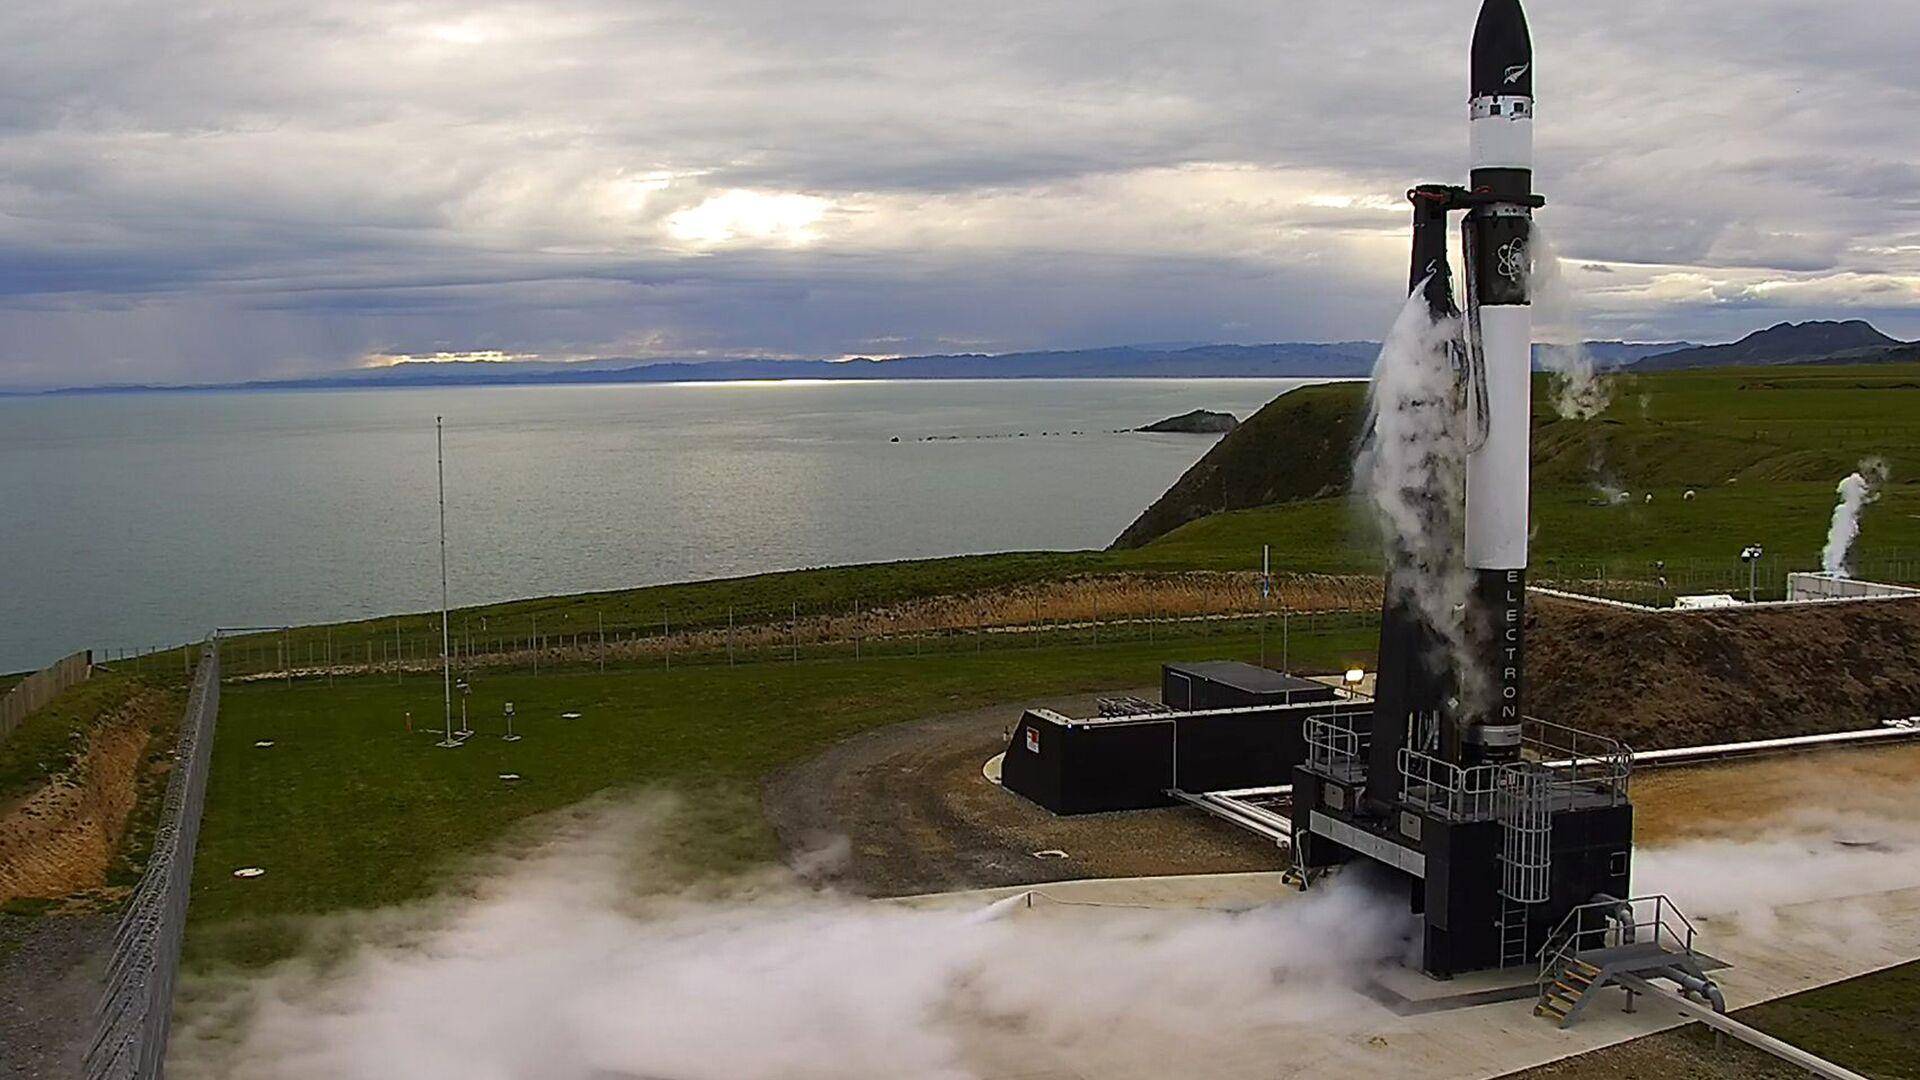 Запуск ракеты Электрон на стартовой площадки в Новой Зеландии, 25 мая 2017 - РИА Новости, 1920, 29.10.2020